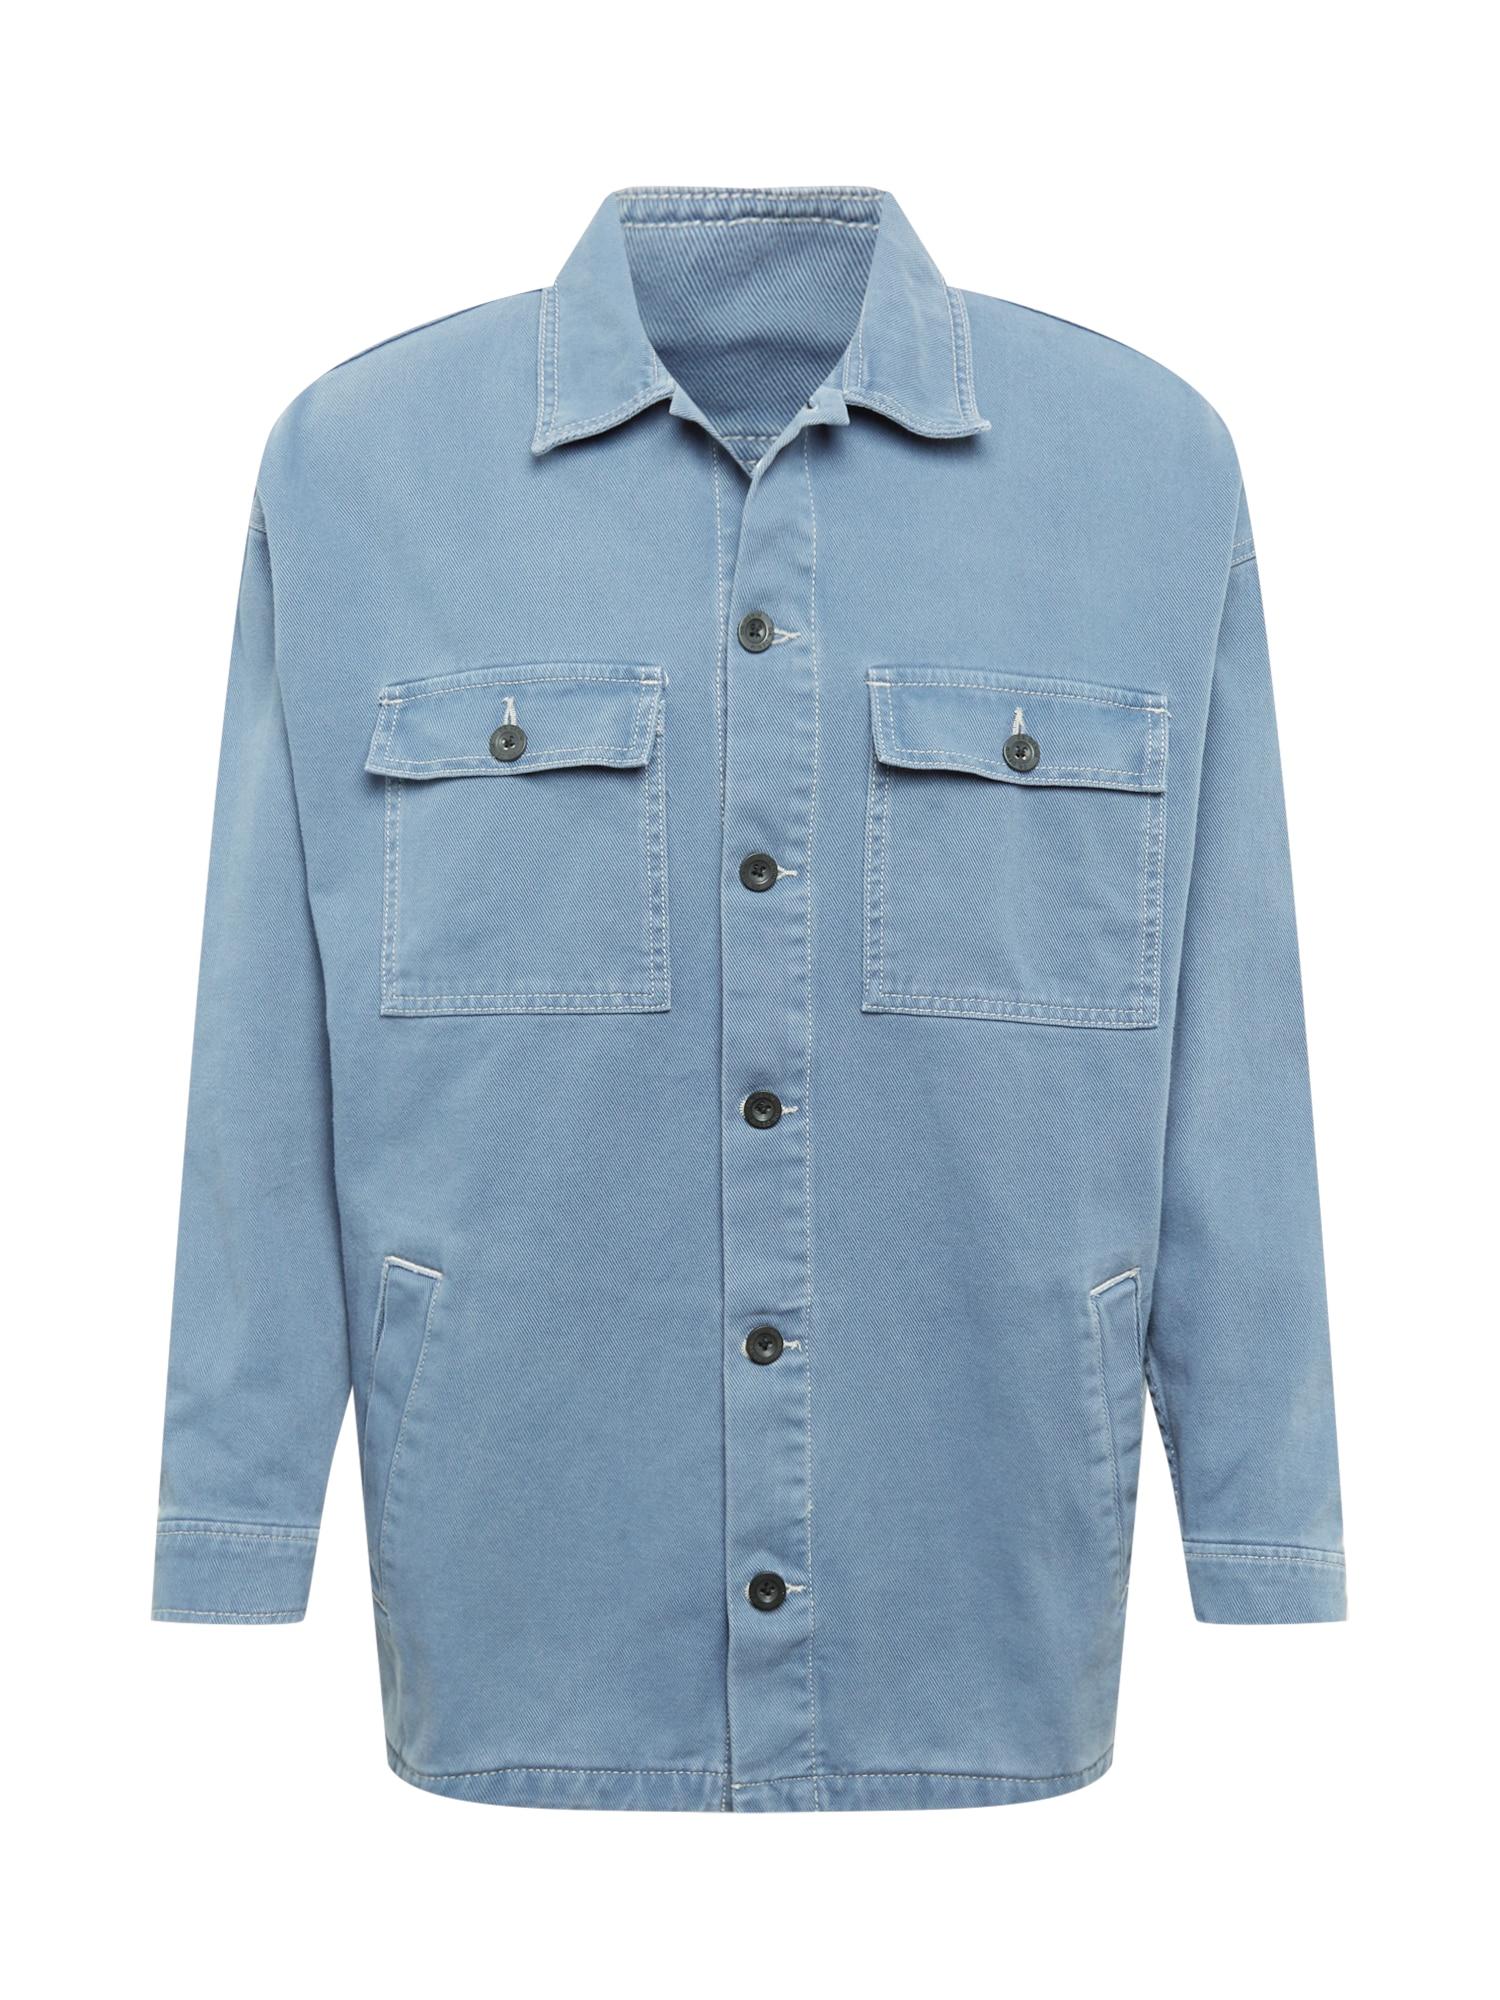 Dr. Denim Marškiniai mėlyna dūmų spalva